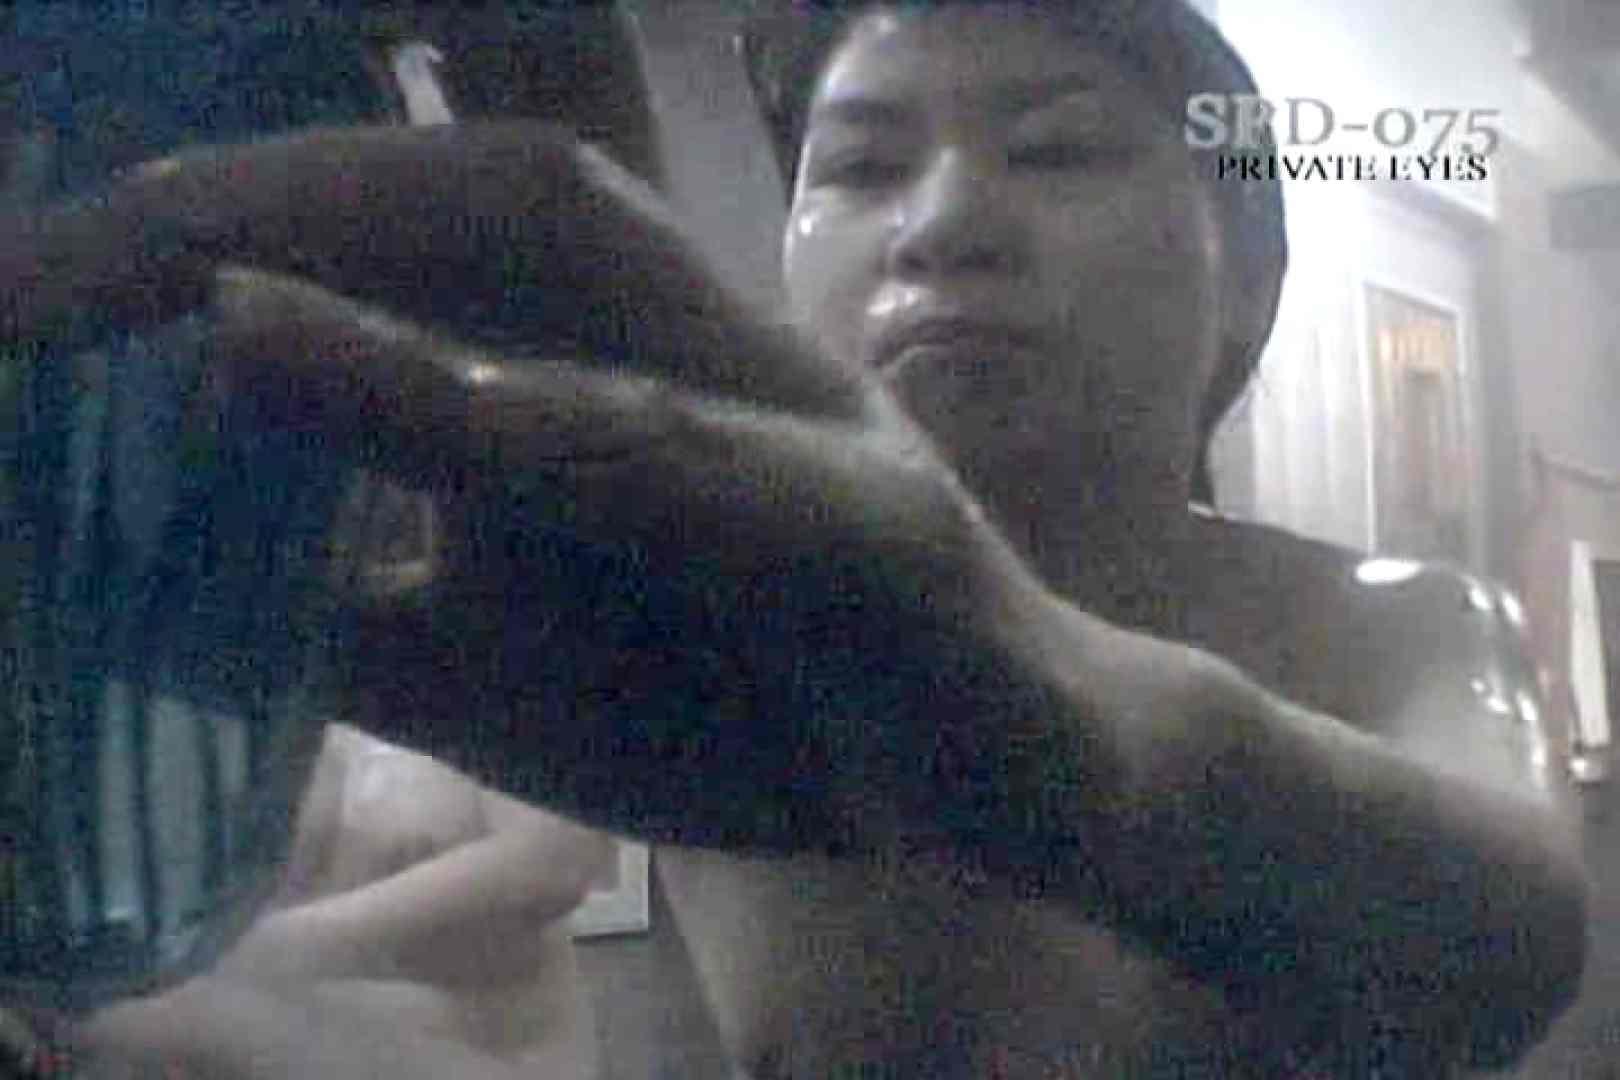 高画質版!SPD-075 脱衣所から洗面所まで 9カメ追跡盗撮 名作  48連発 14